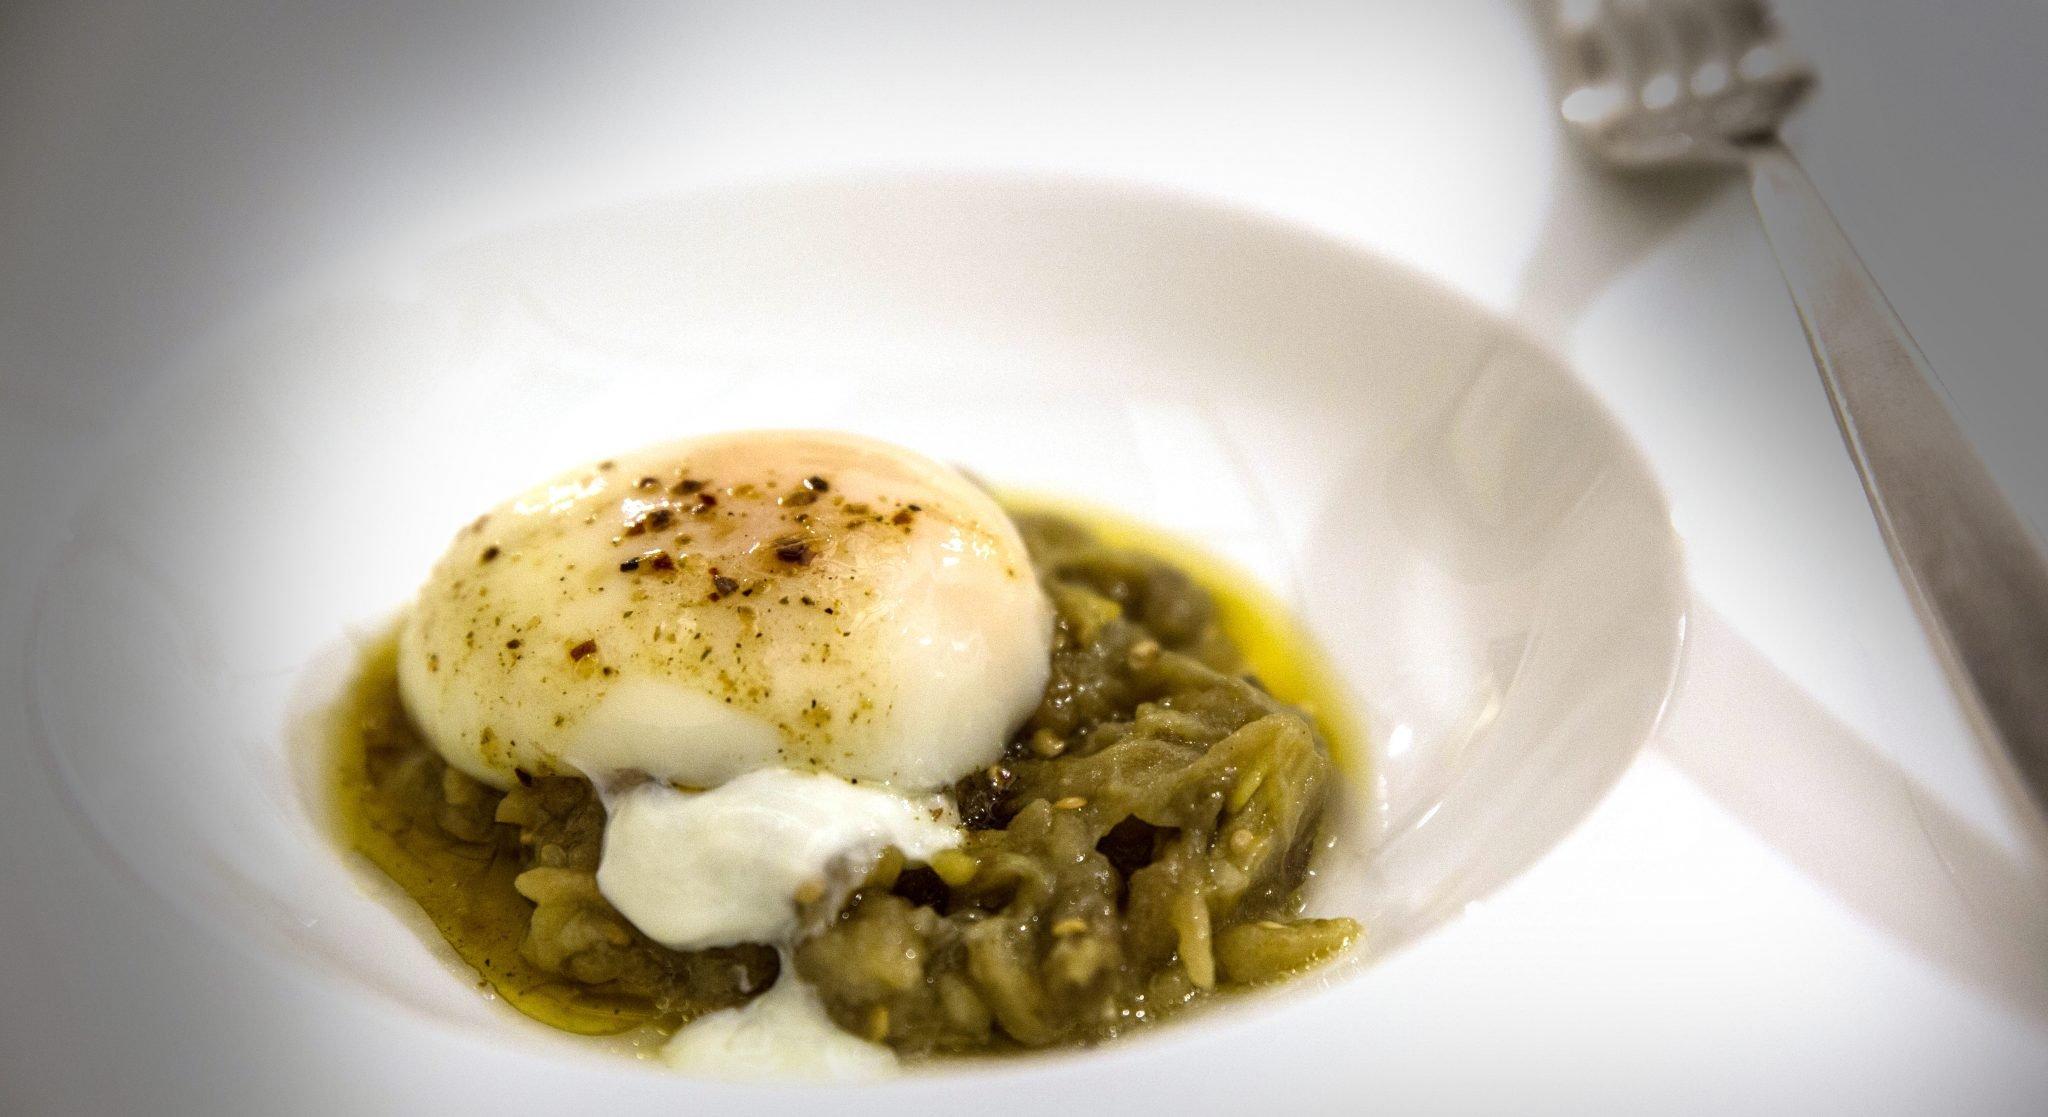 uovo e melanzane ricetta di igles corelli e sara farnetti